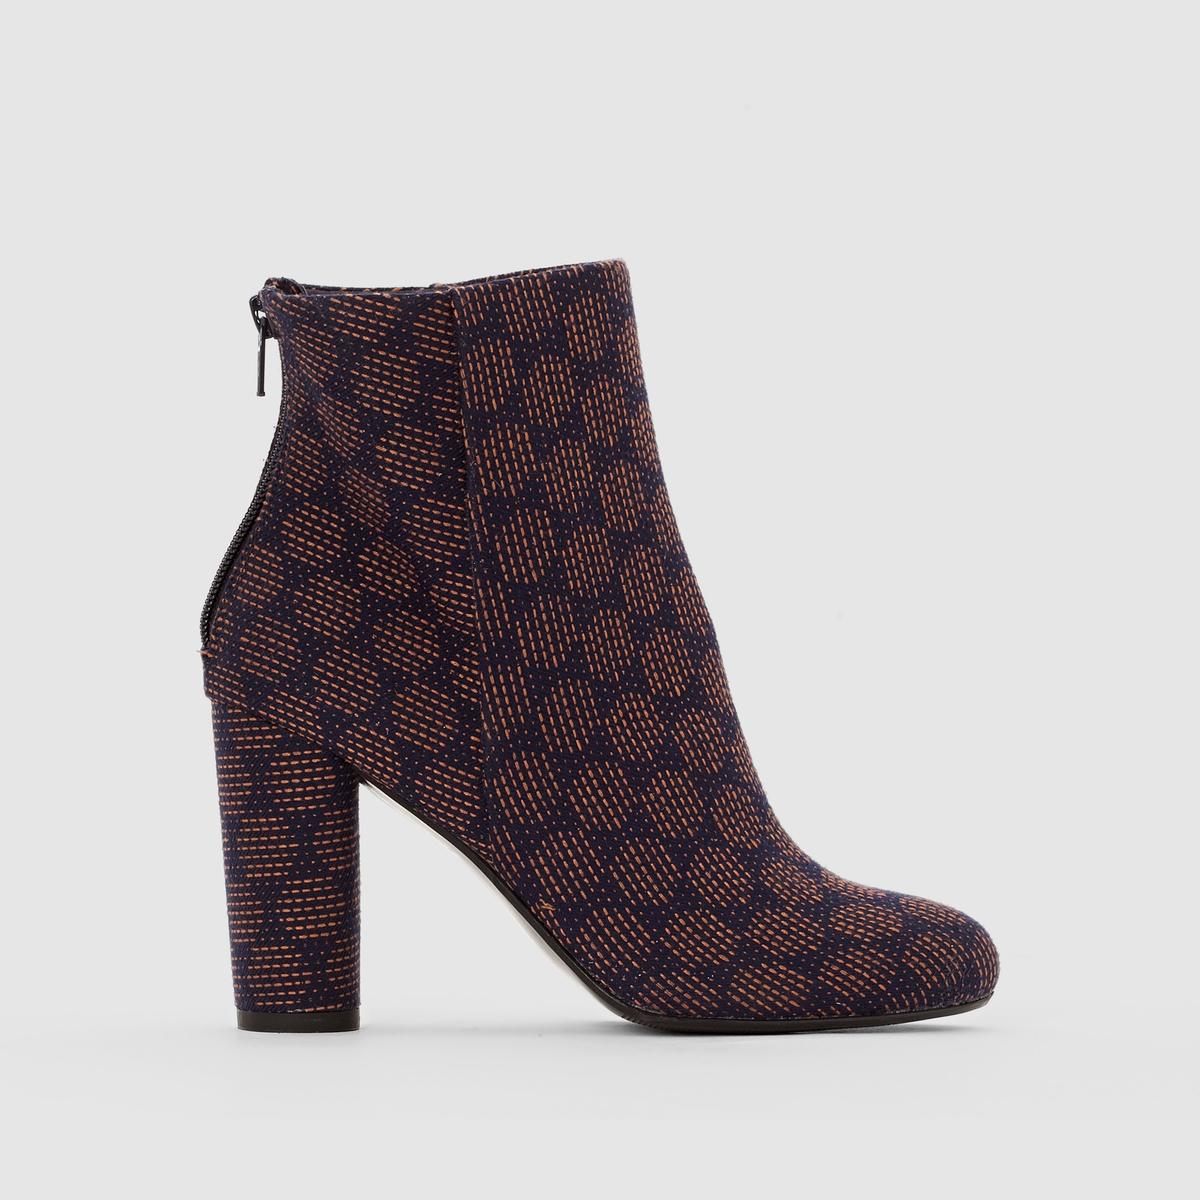 Ботильоны с рисунком на каблукеМарка : Mademoiselle R. ВерхВерх : текстильПодкладка : текстильСтелька : кожа.Подошва : из эластомера.Высота каблука : 9 см.Форма каблука: широкая Носок: круглый Застежка : на молнии сбоку<br><br>Цвет: рисунок темно-синий<br>Размер: 36